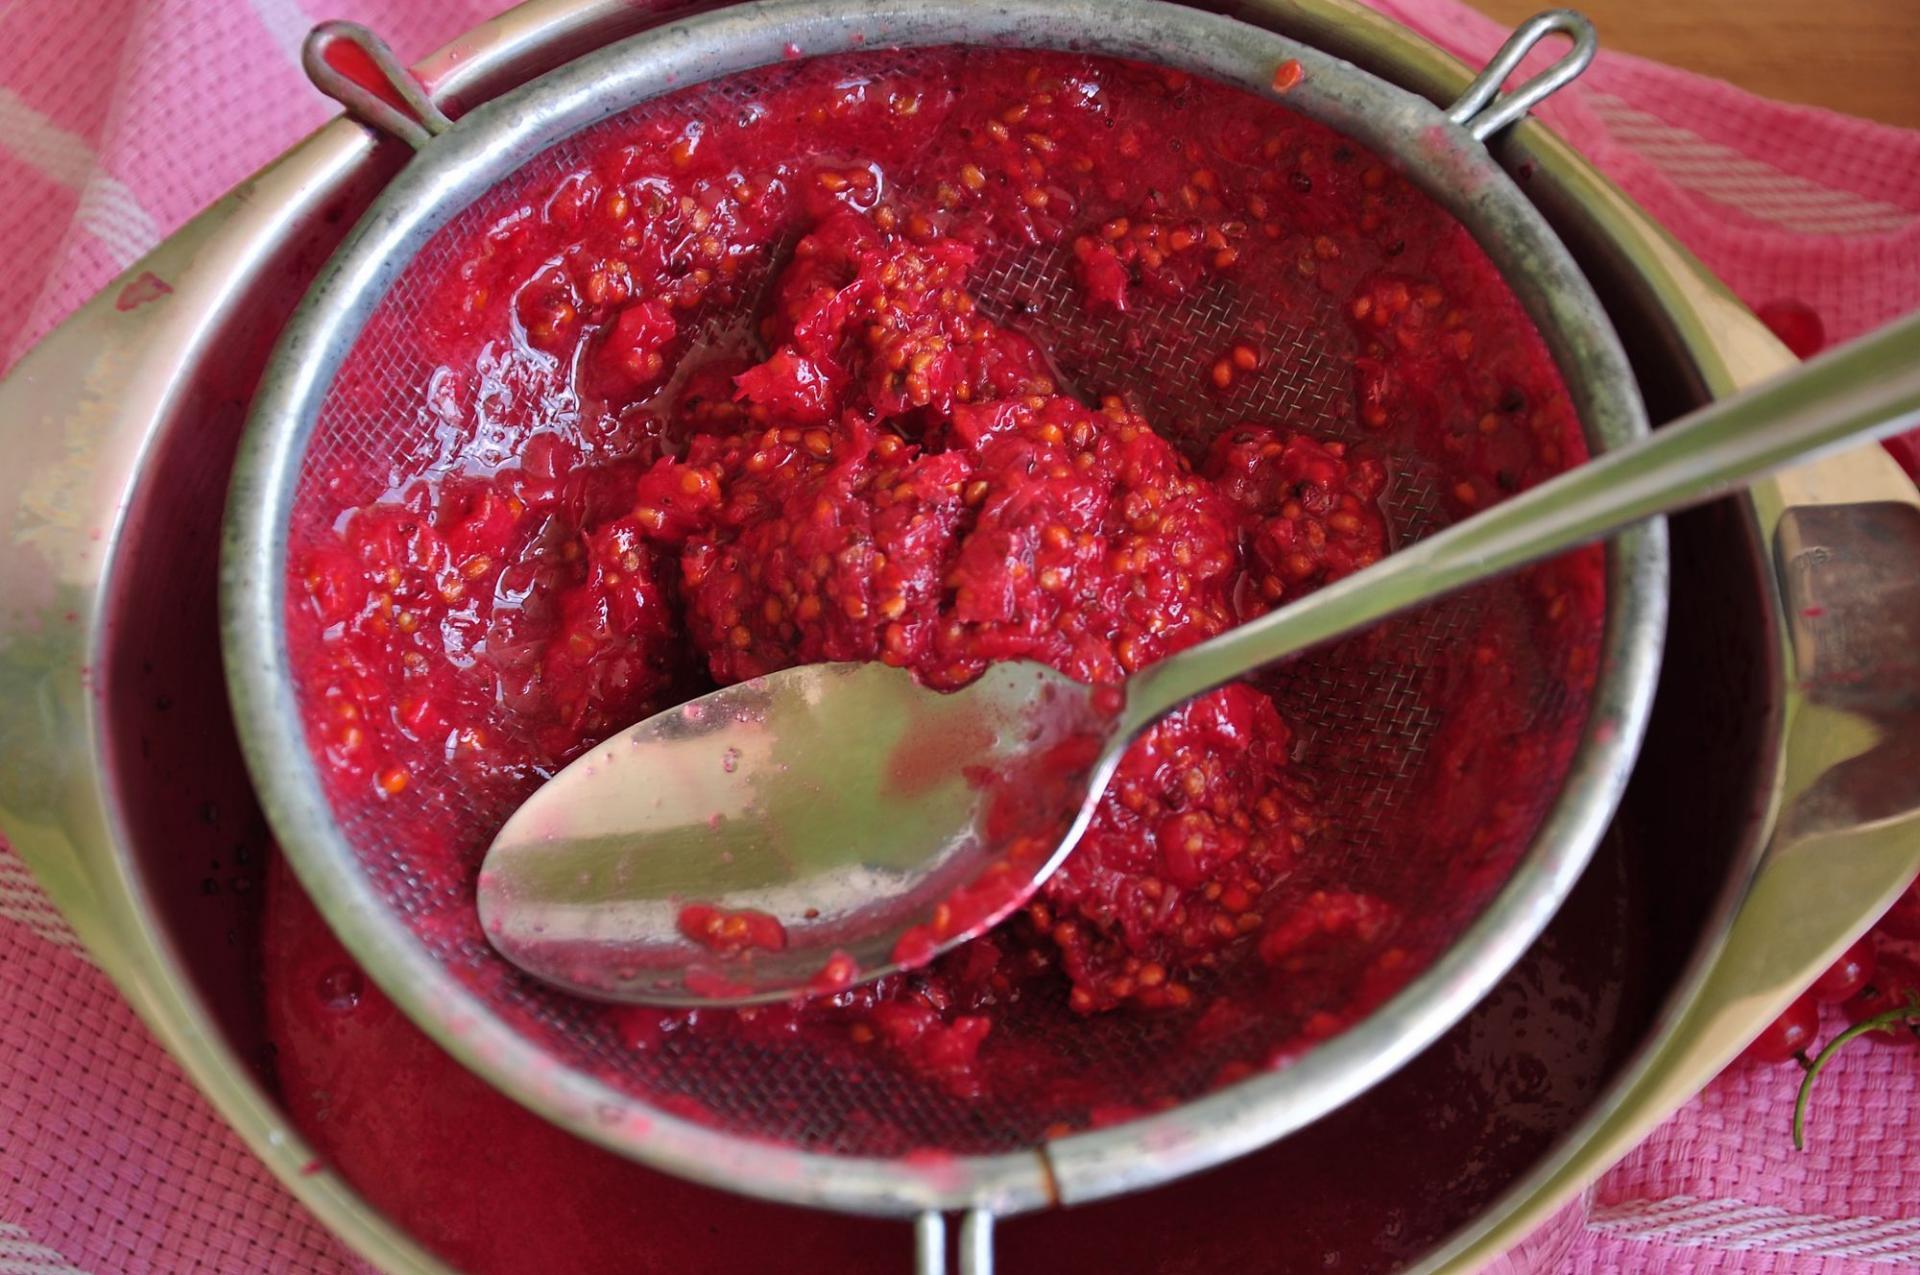 ТОП 9 рецептов приготовления красной смородины перетертой с сахаром на зиму